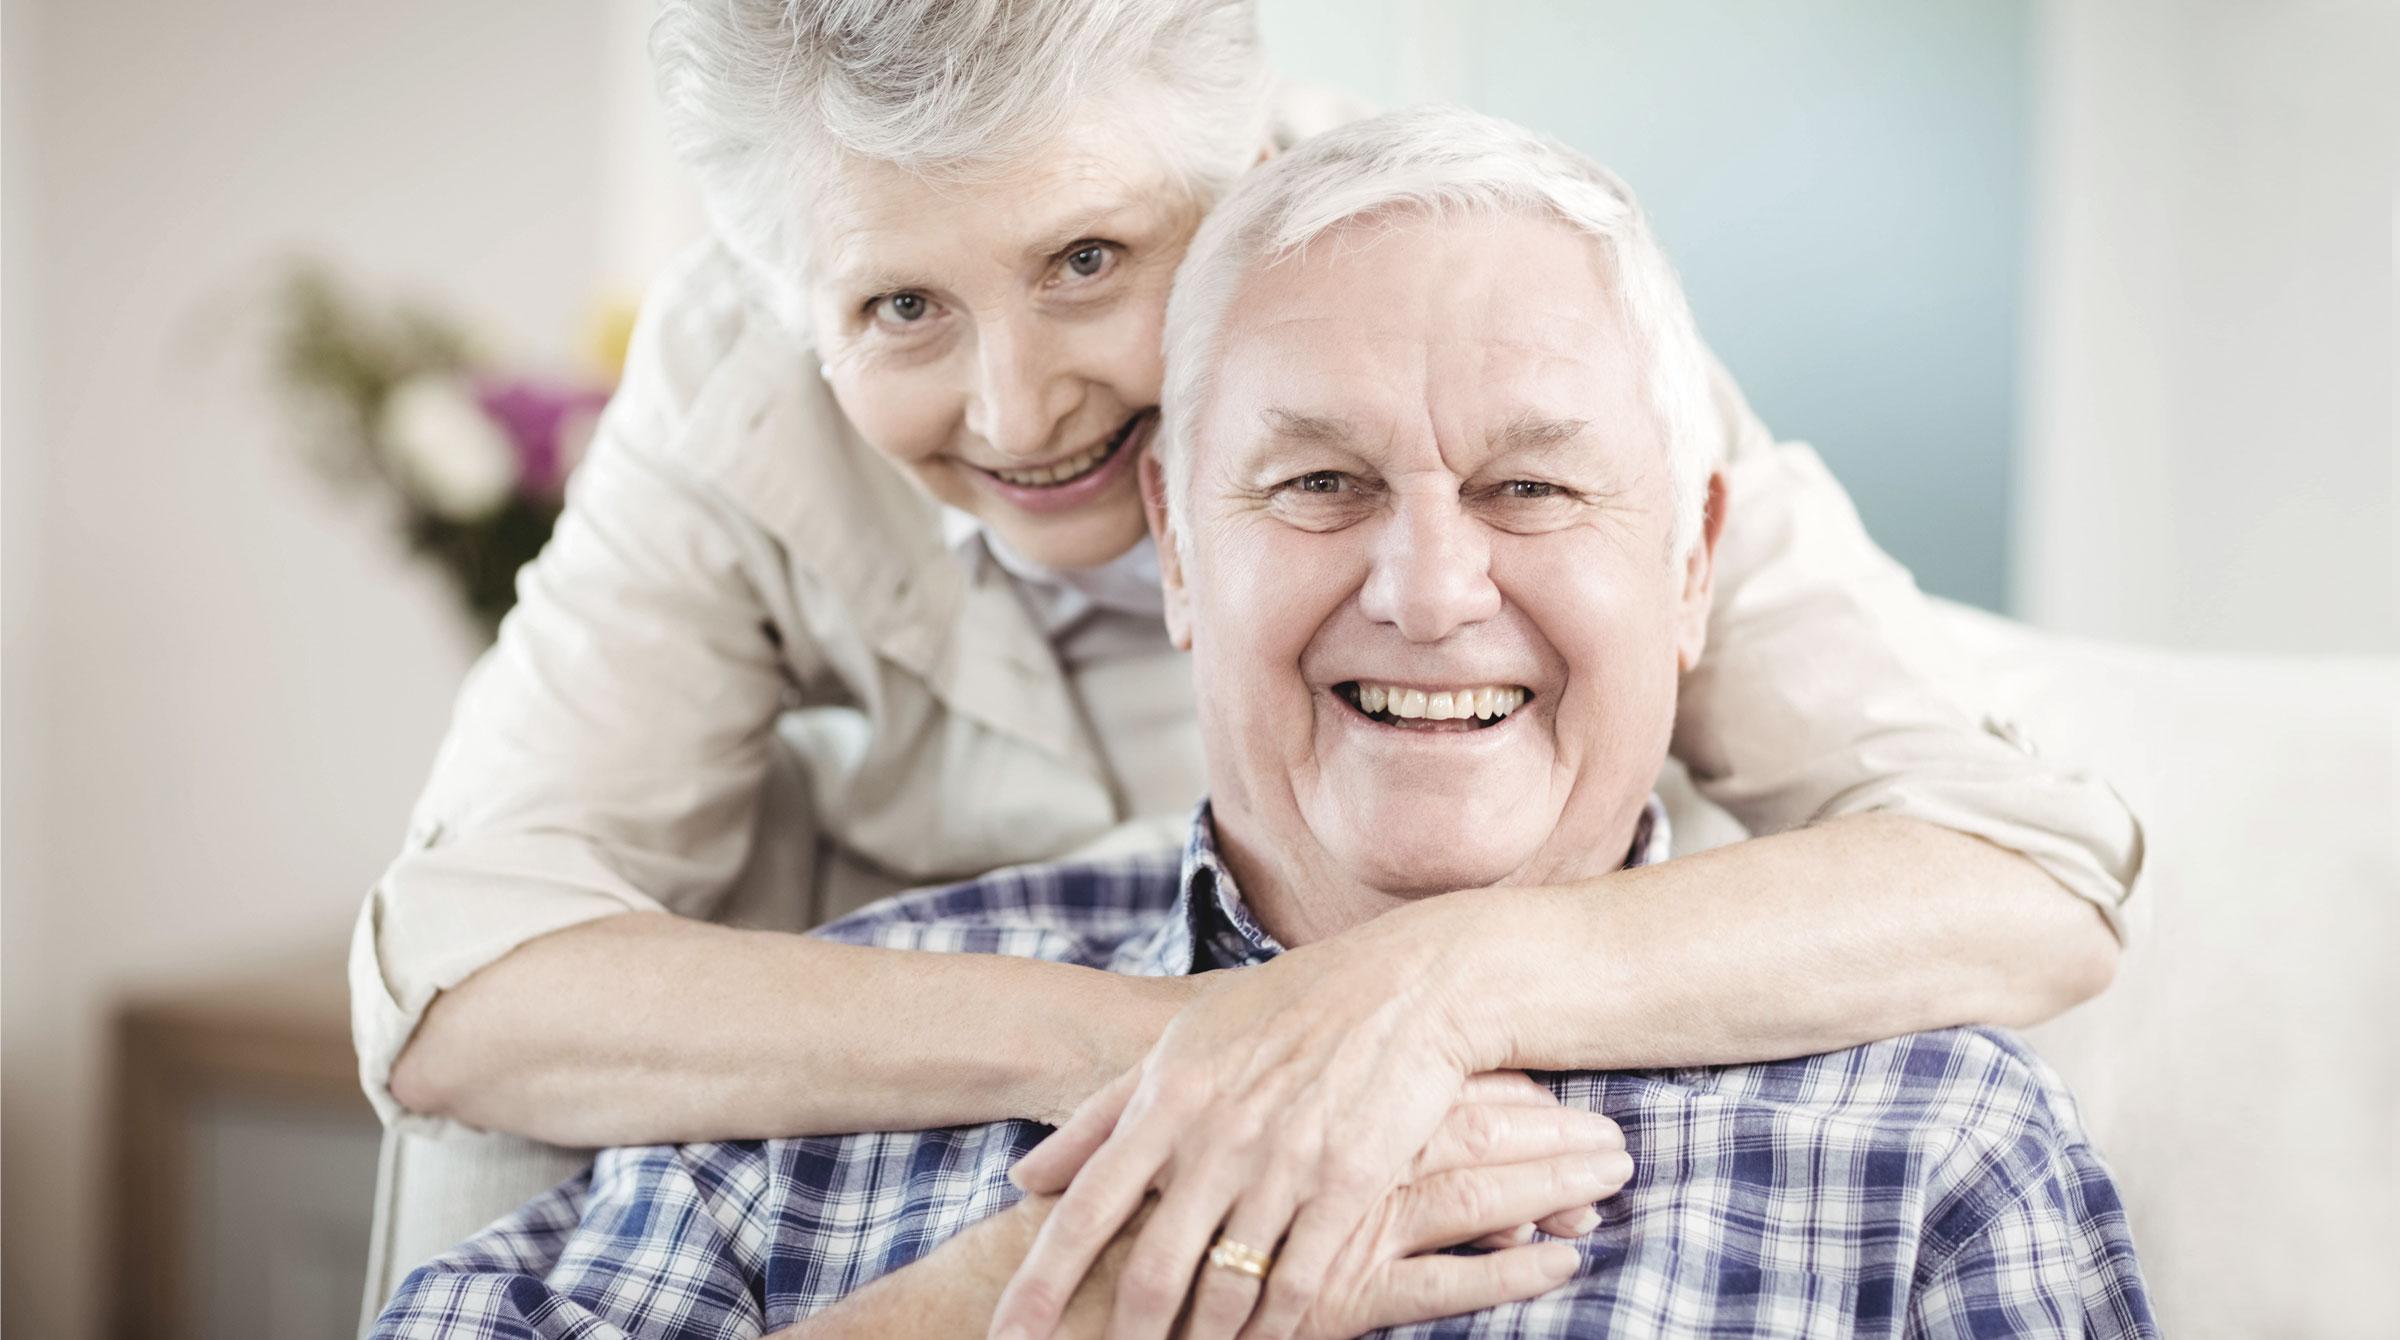 Introbild Altersgerechtes Wohnen